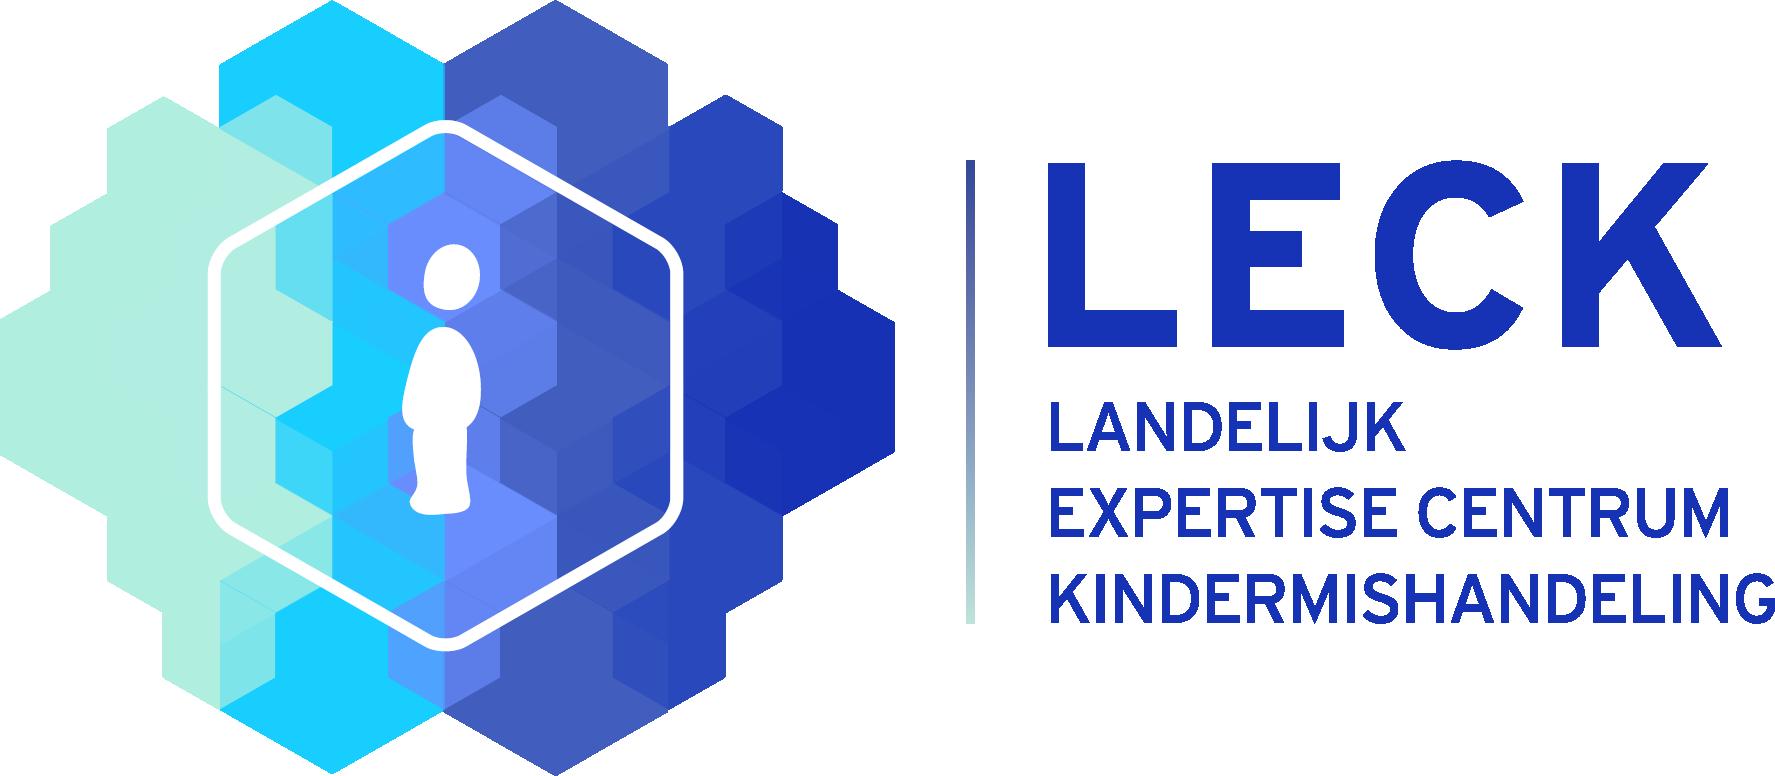 Landelijk Expertise Centrum Kindermishandeling